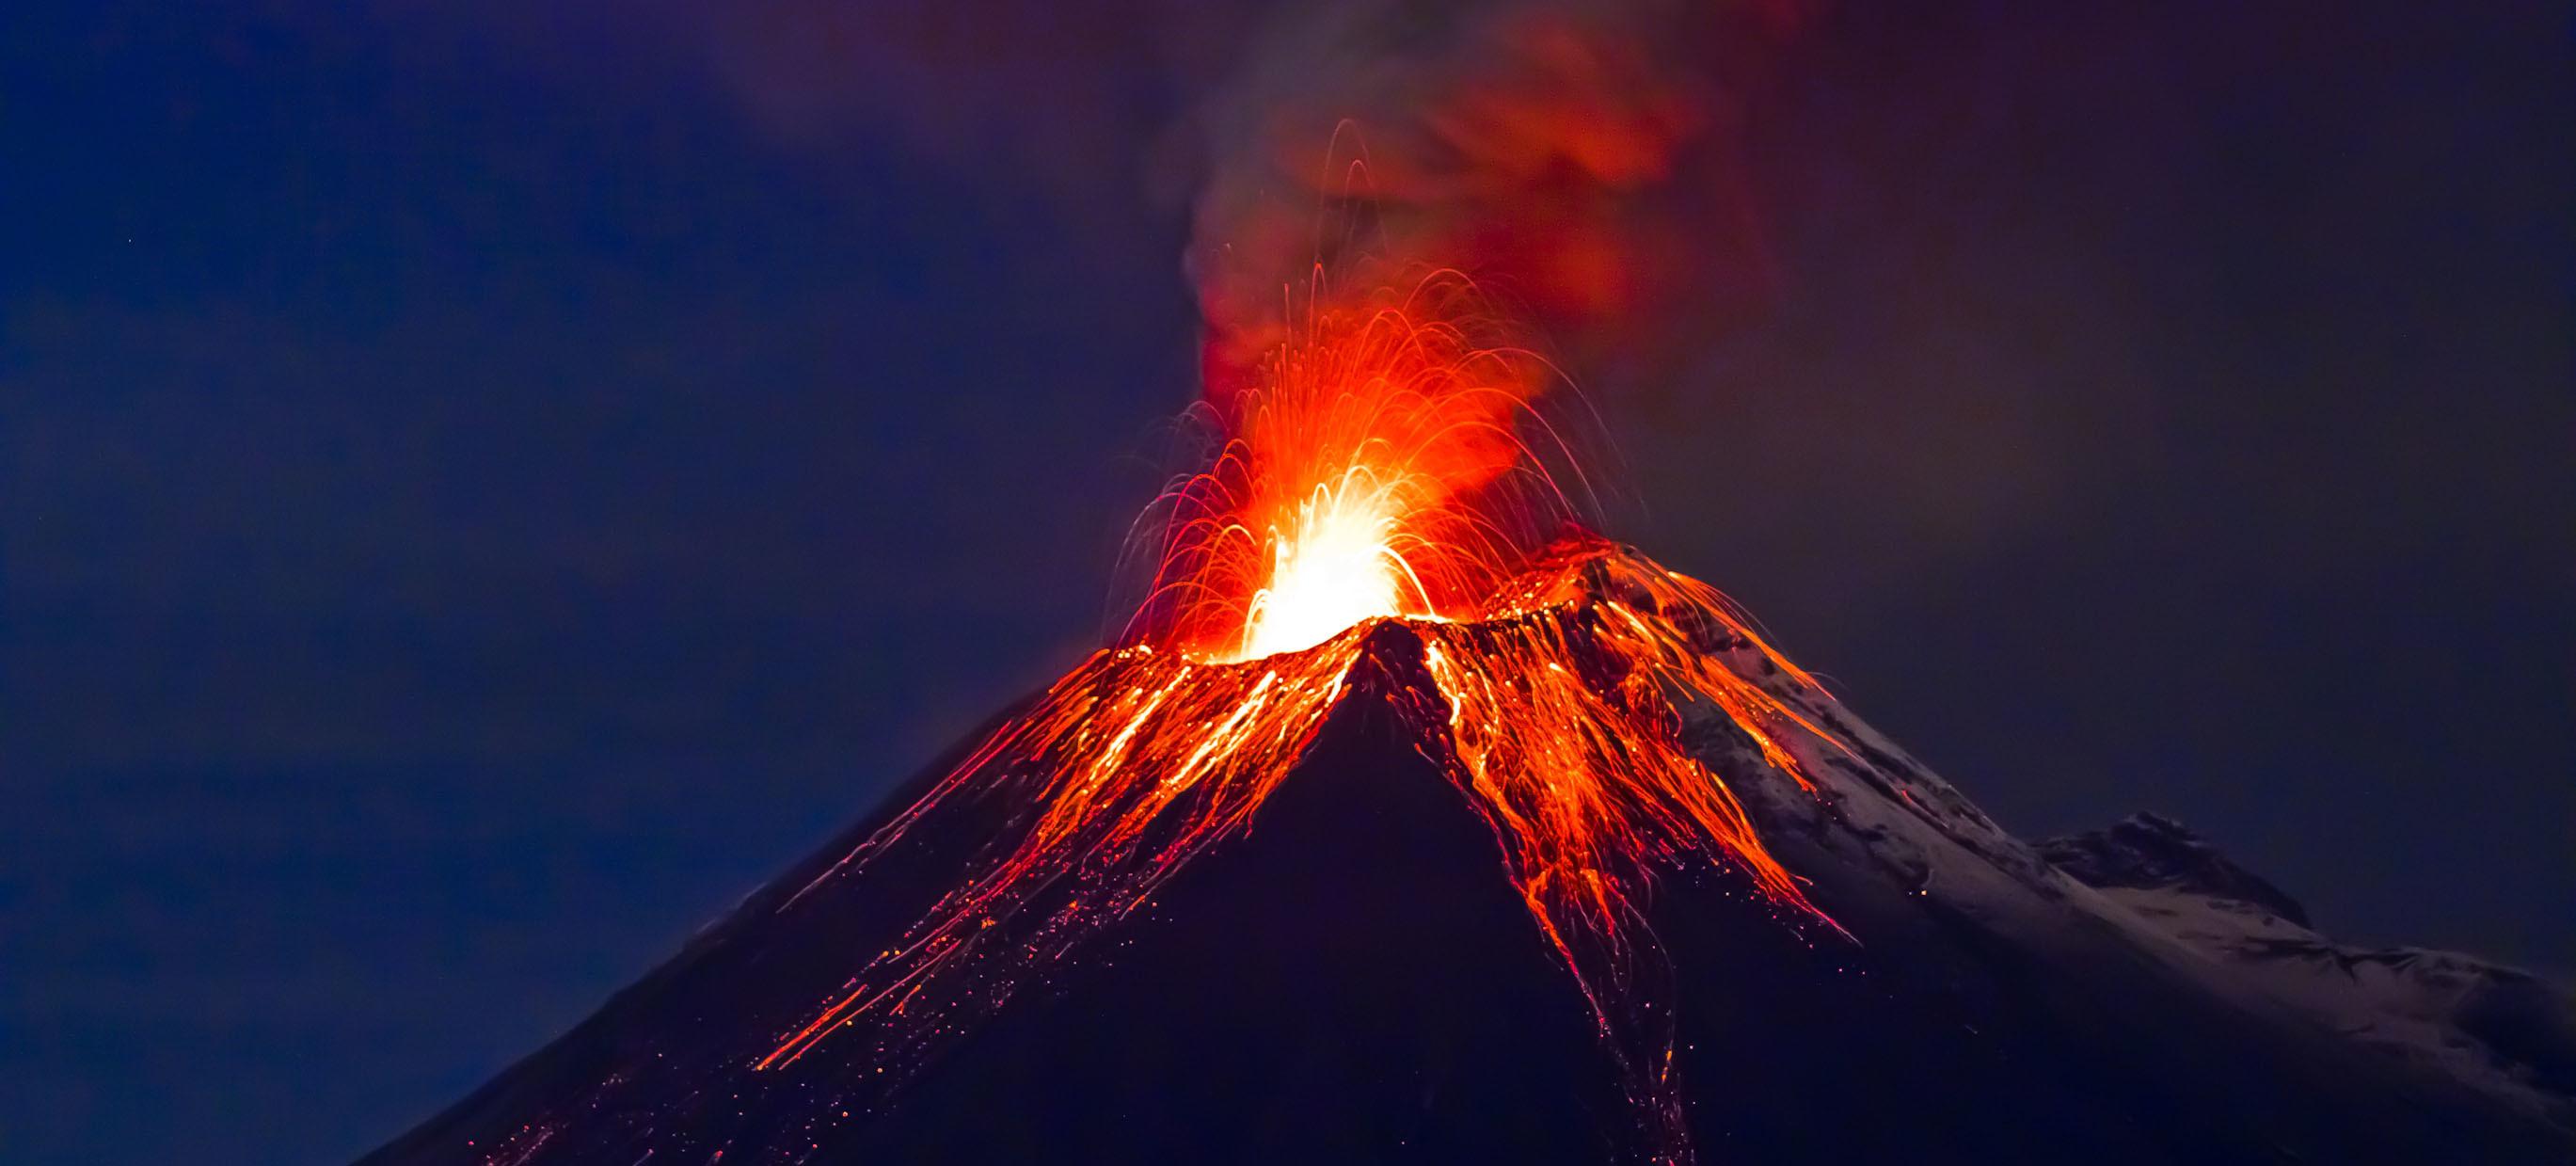 4K Volcanoes Desktop Wallpaper HD